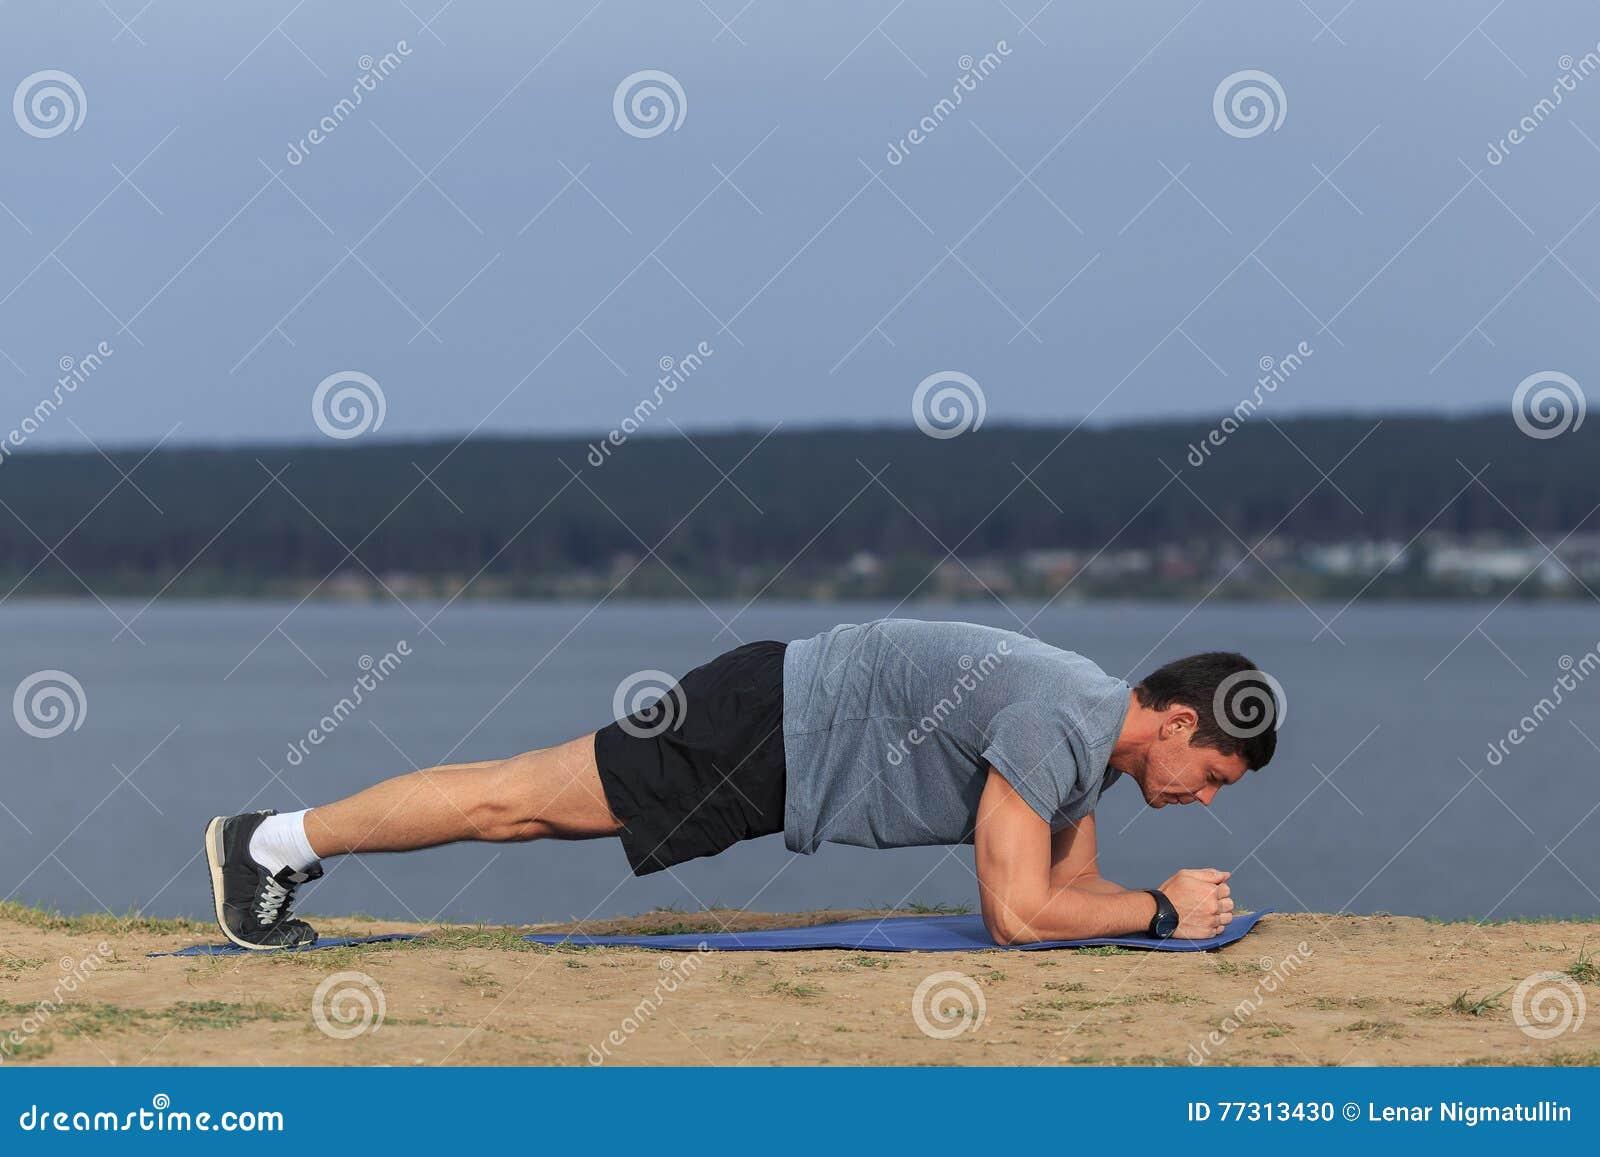 Crossfit sprawności fizycznej stażowy mężczyzna robi deski sedna ćwiczeniu pracującemu out jego midsection sedna mięśnie